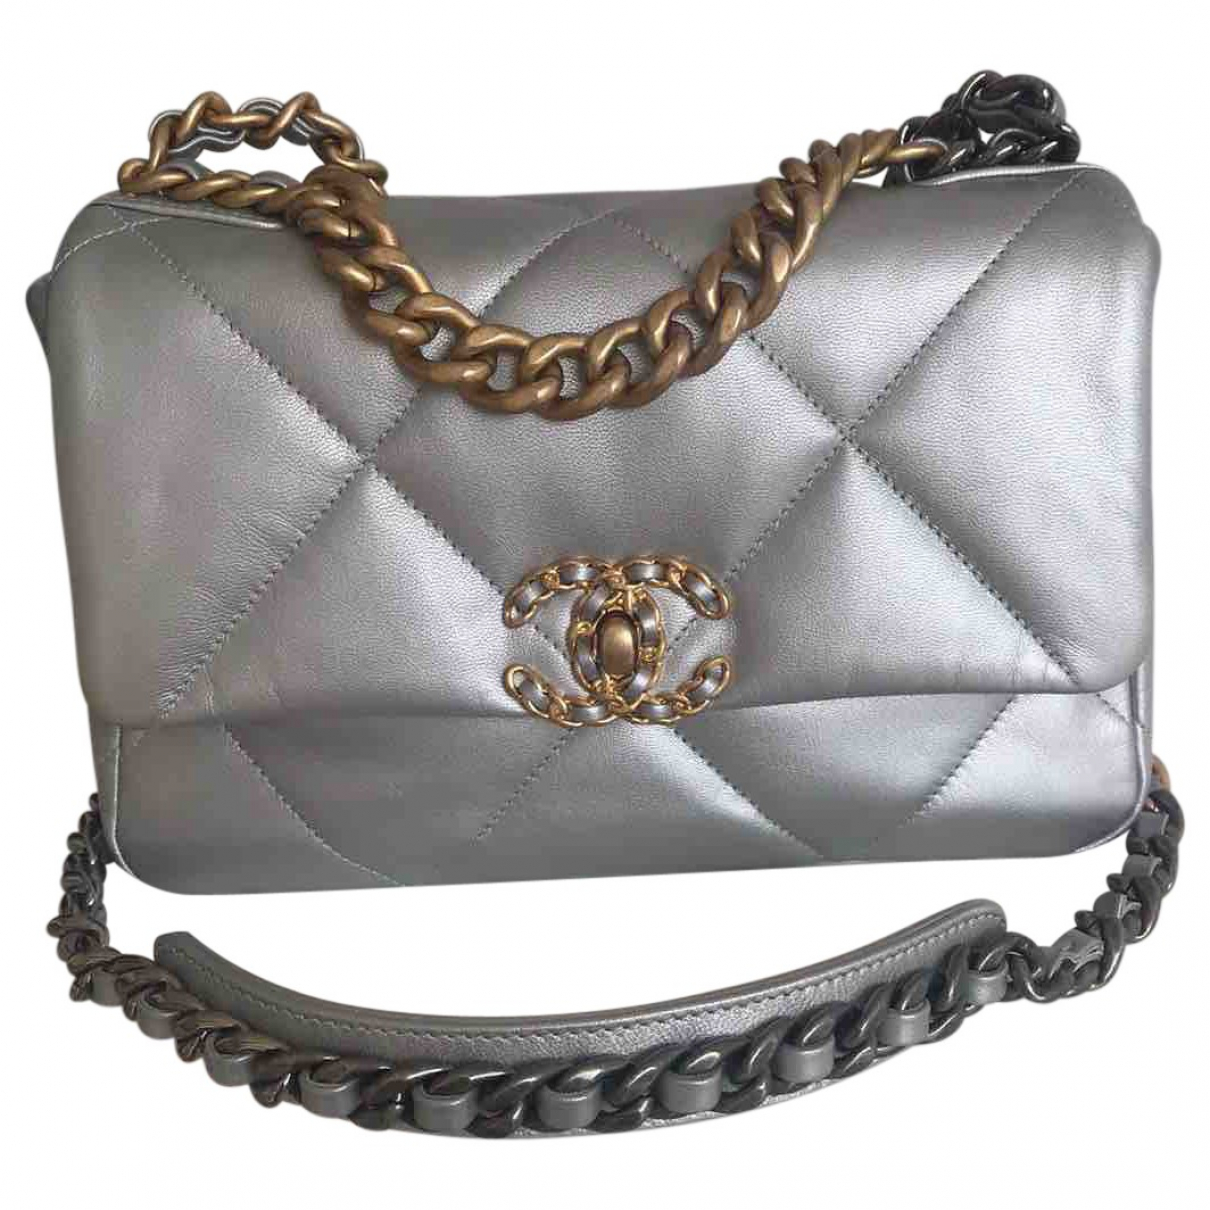 Chanel - Sac a main Chanel 19 pour femme en cuir - argente